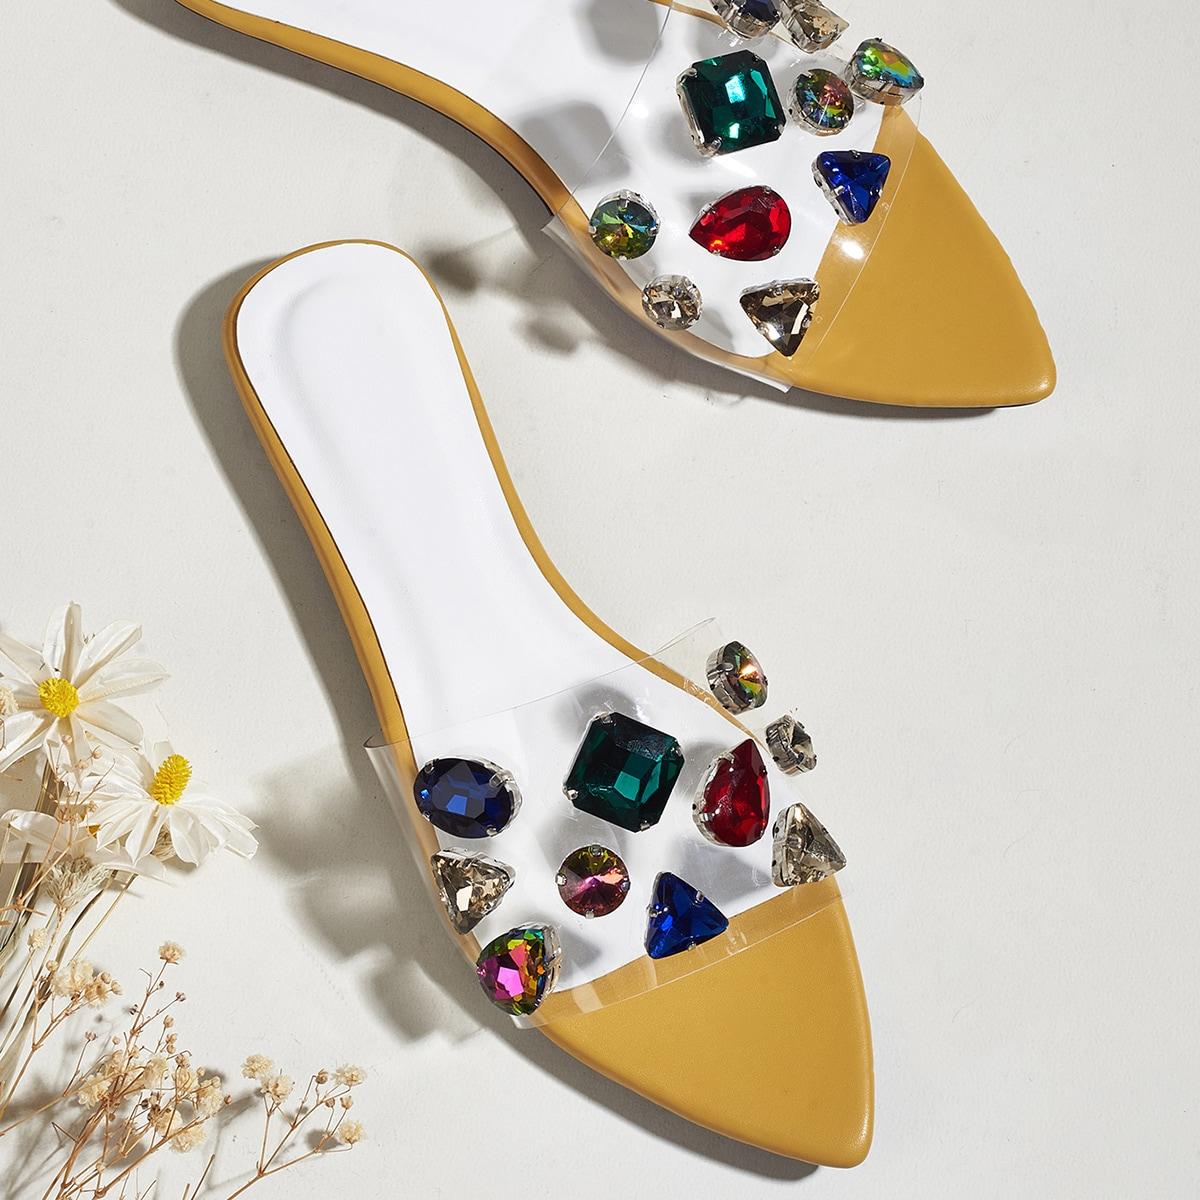 Прозрачные сандалии с драгоценным камнем по цене 1 420